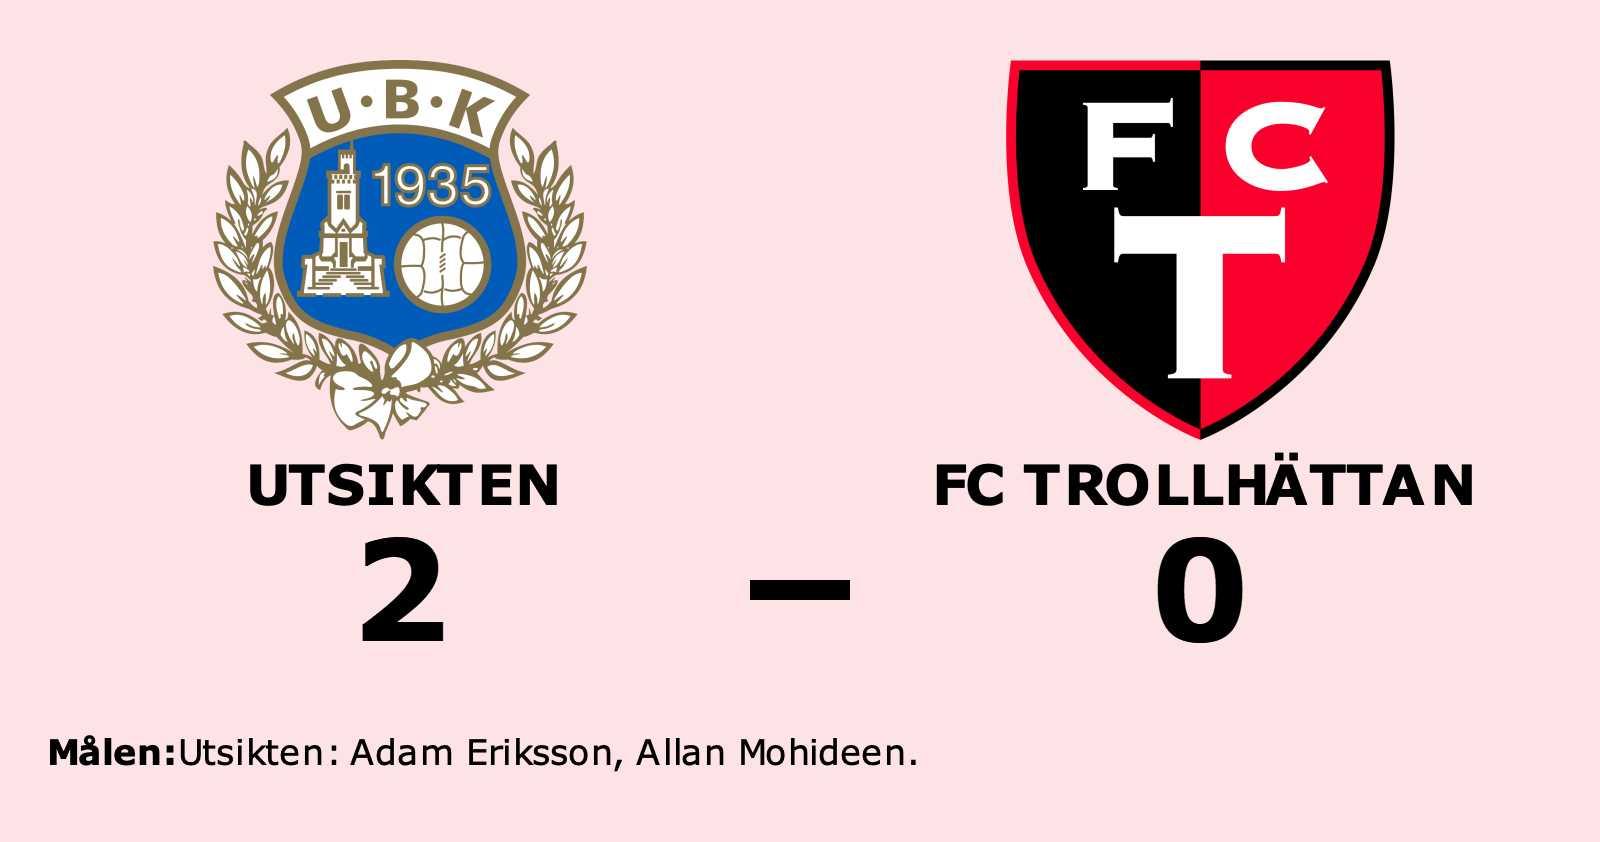 Adam Eriksson och Allan Mohideen målgörare i Utsiktens seger